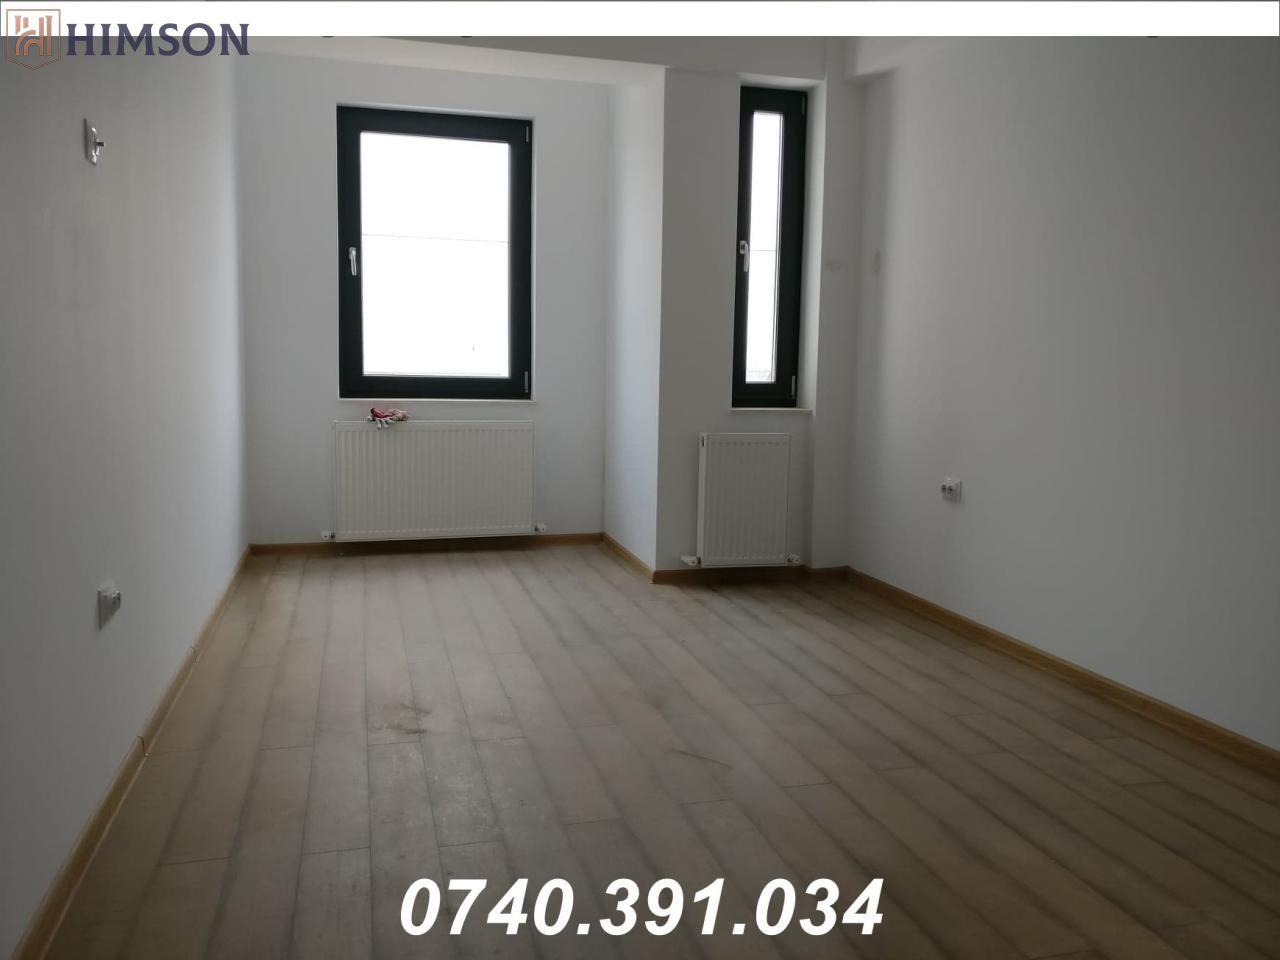 Apartament de vanzare, Iași (judet), Aviației - Foto 4